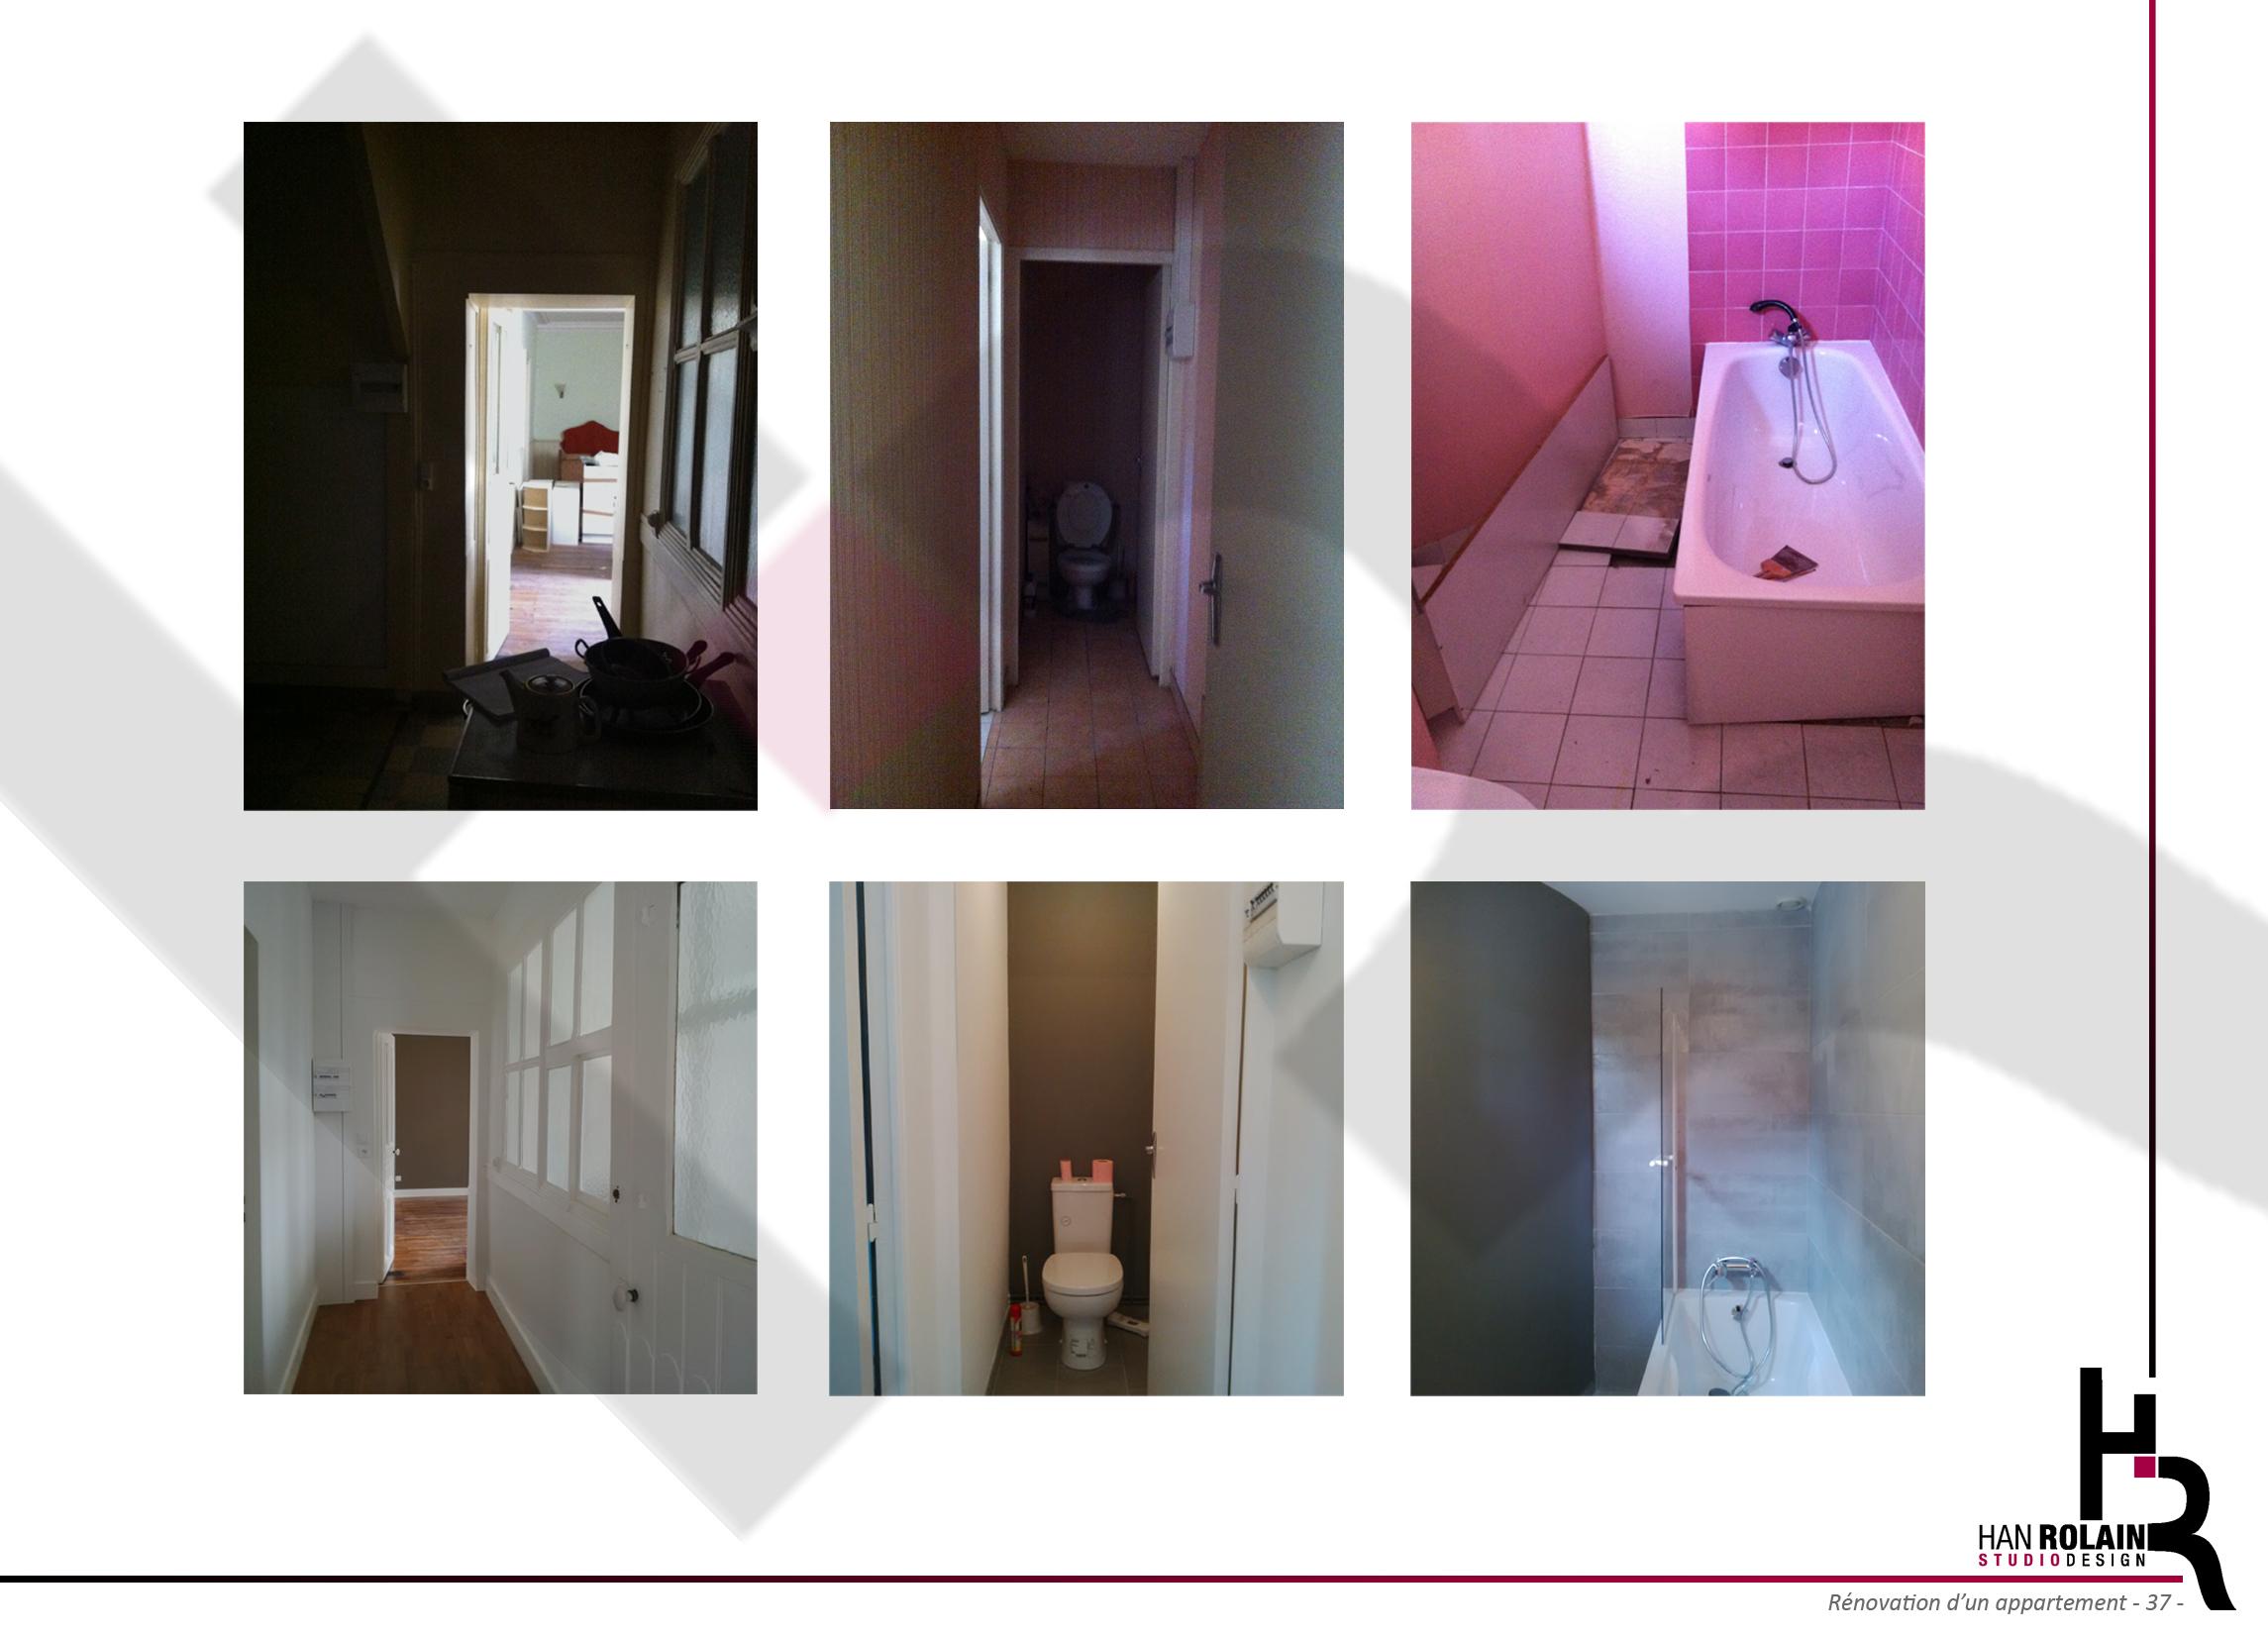 Appartement D - Avant/Pendant/Après